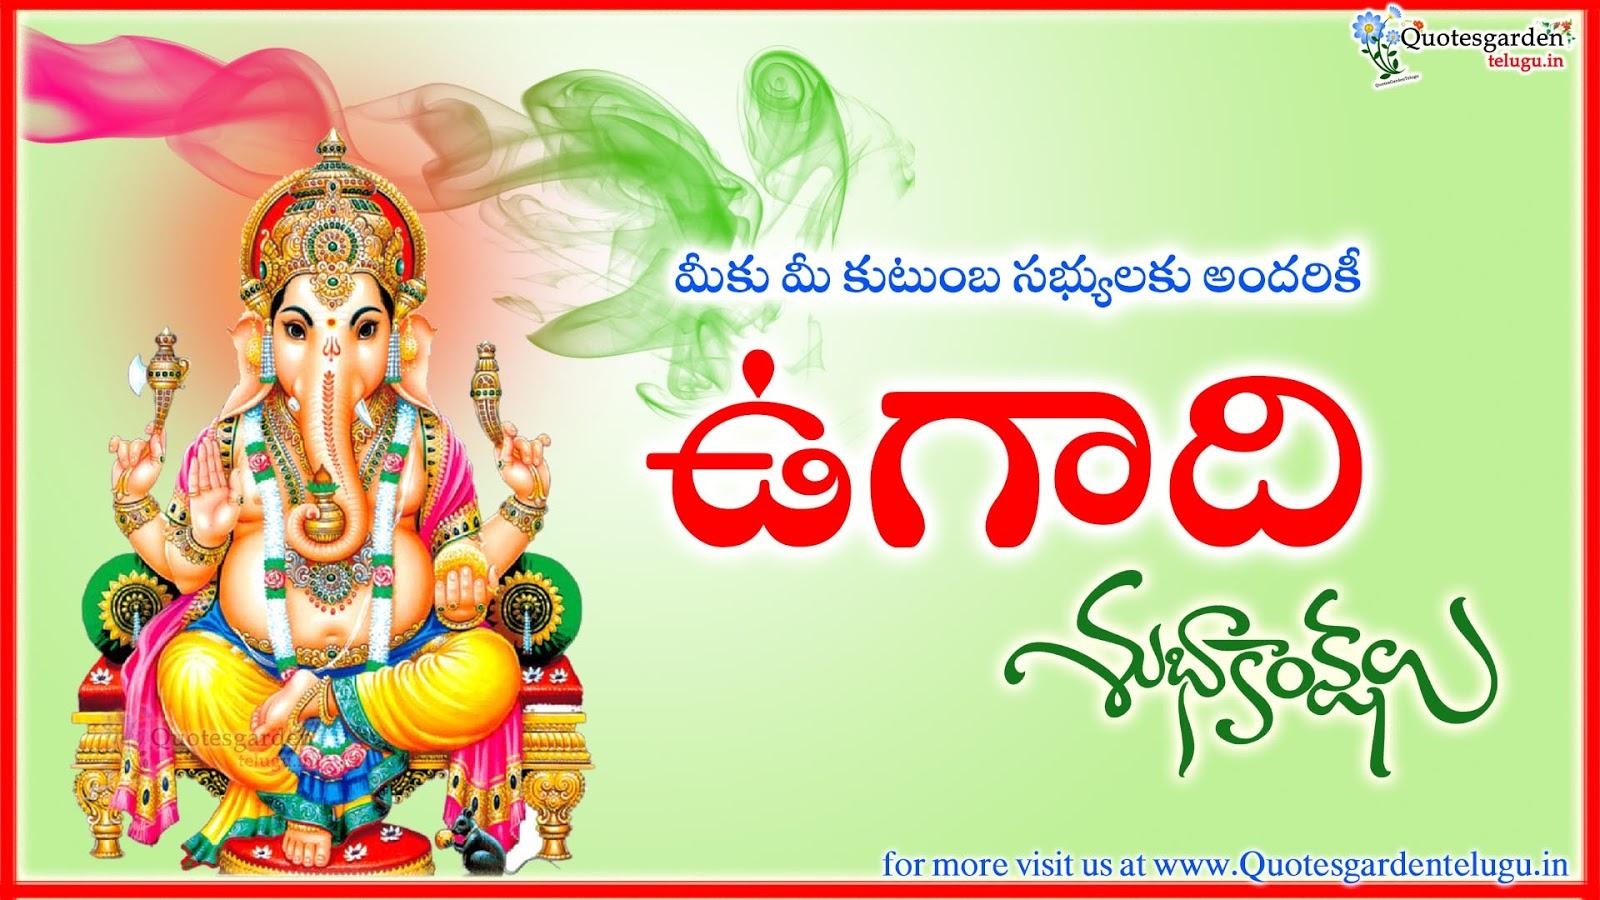 Hevalambi nama samvatsara telugu new year greetings wishes messages hevalambi nama samvatsara telugu new year greetings wishes messages kristyandbryce Image collections